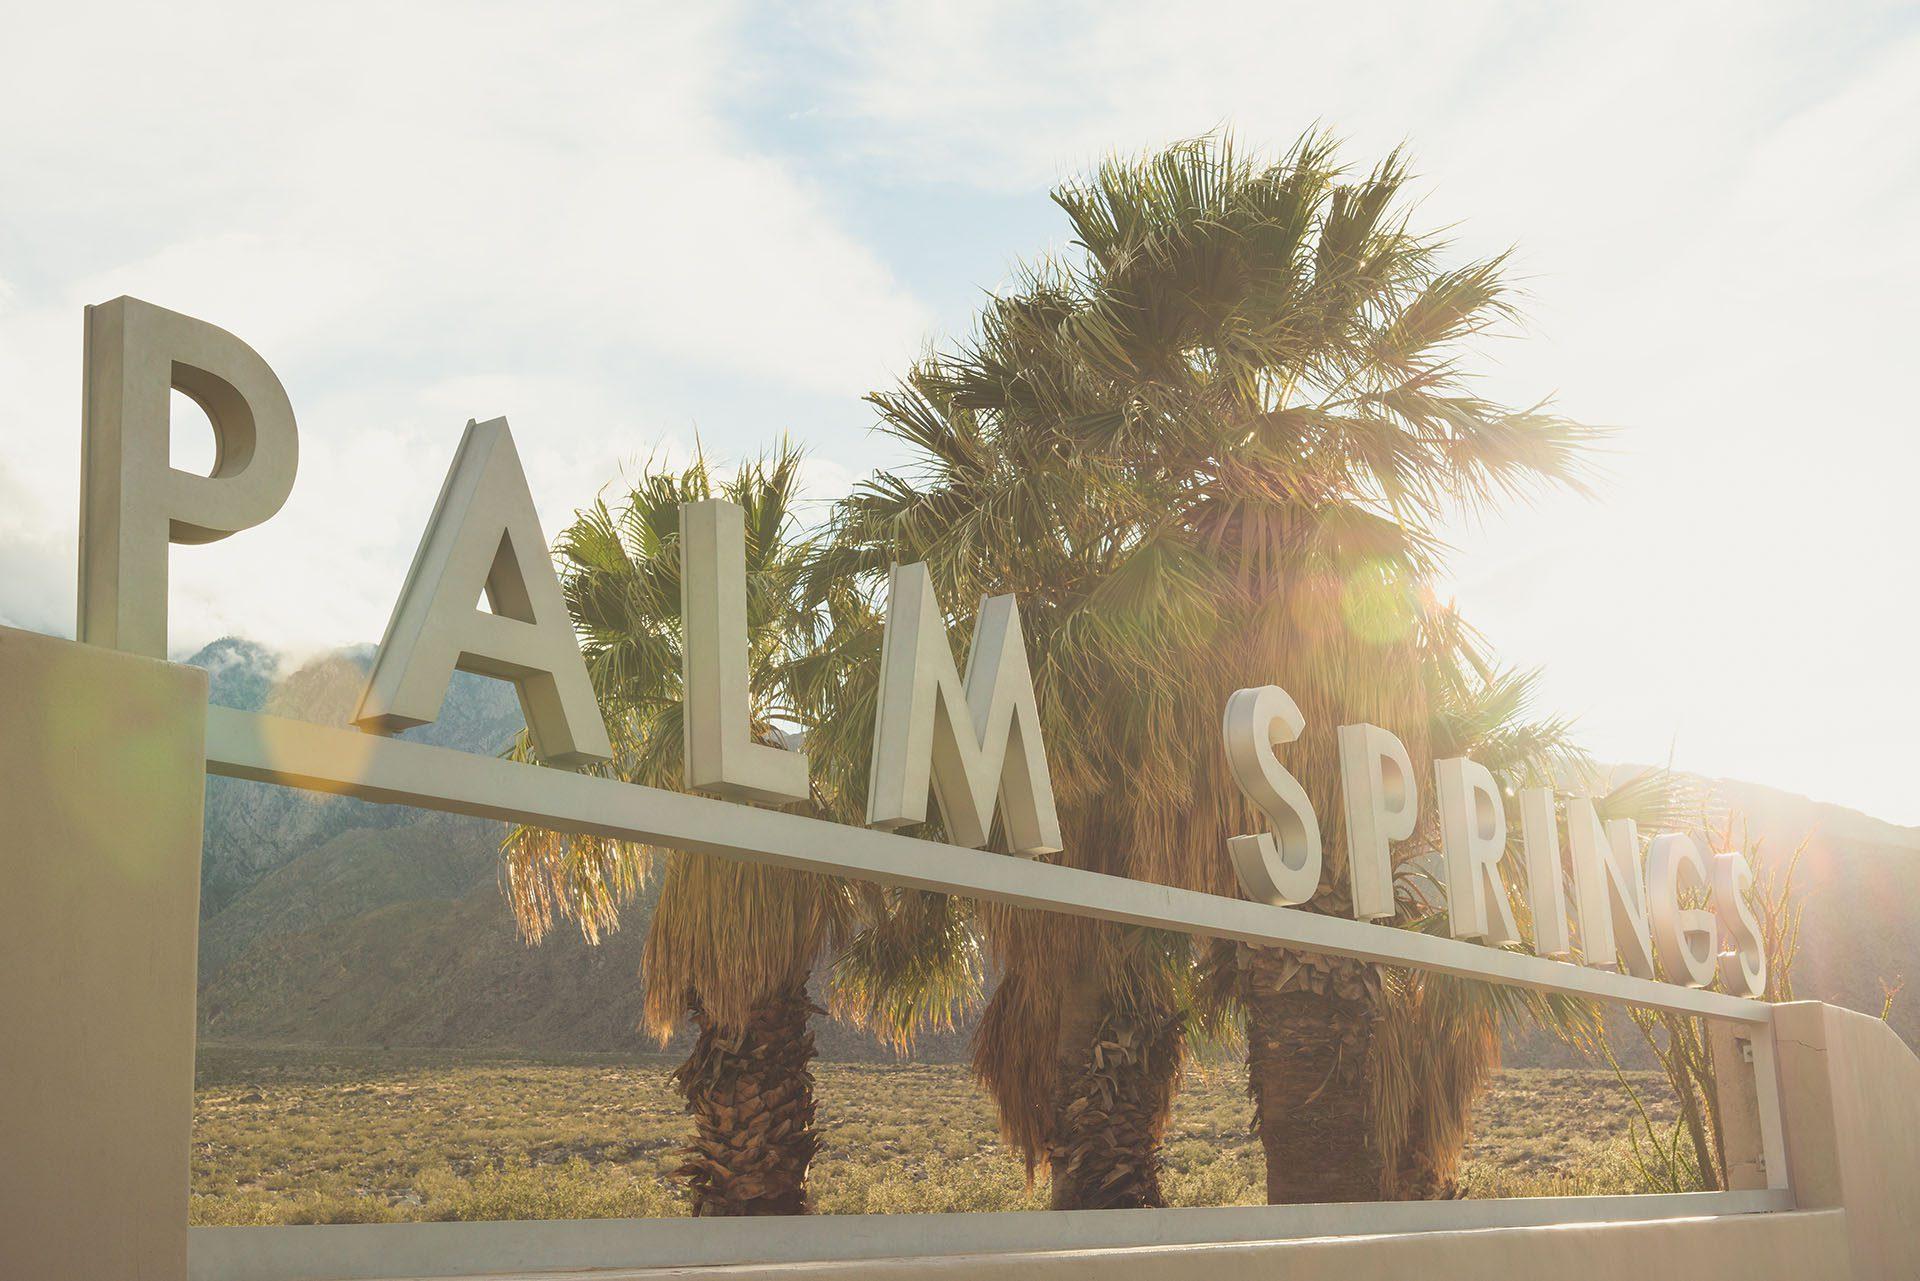 Destination gay de Palm Springs